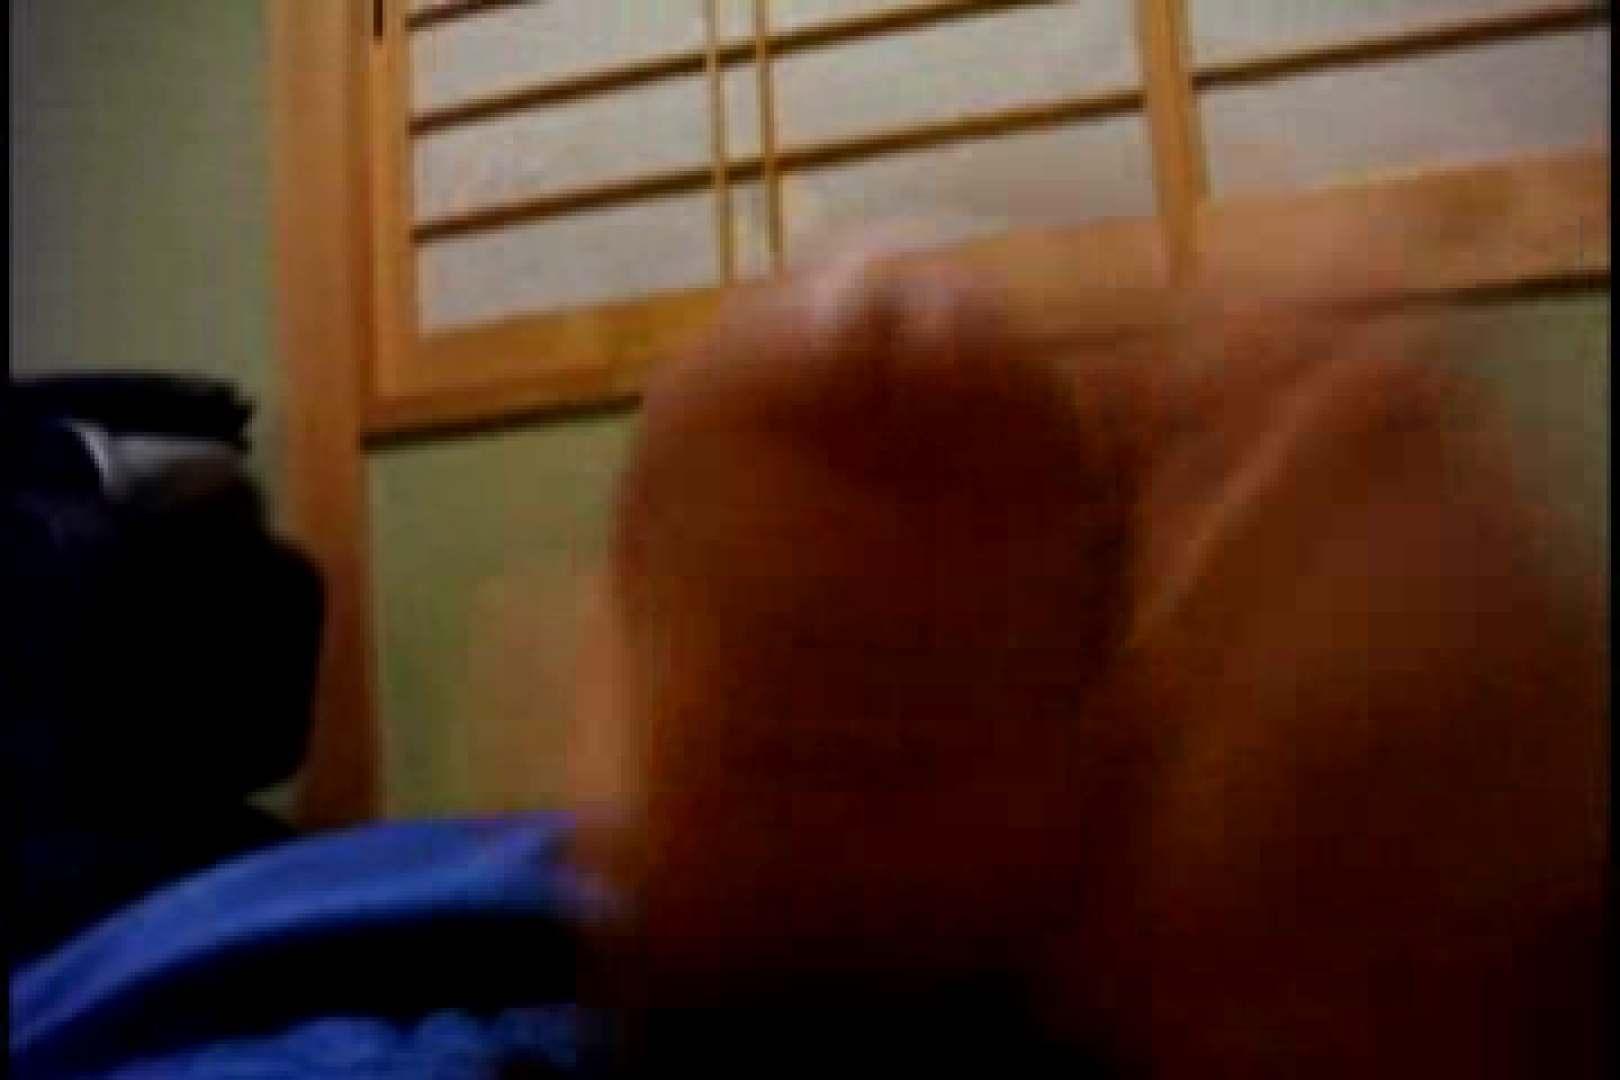 オナ好きノンケテニス部員の自画撮り投稿vol.02 射精 GAY無修正エロ動画 76枚 58